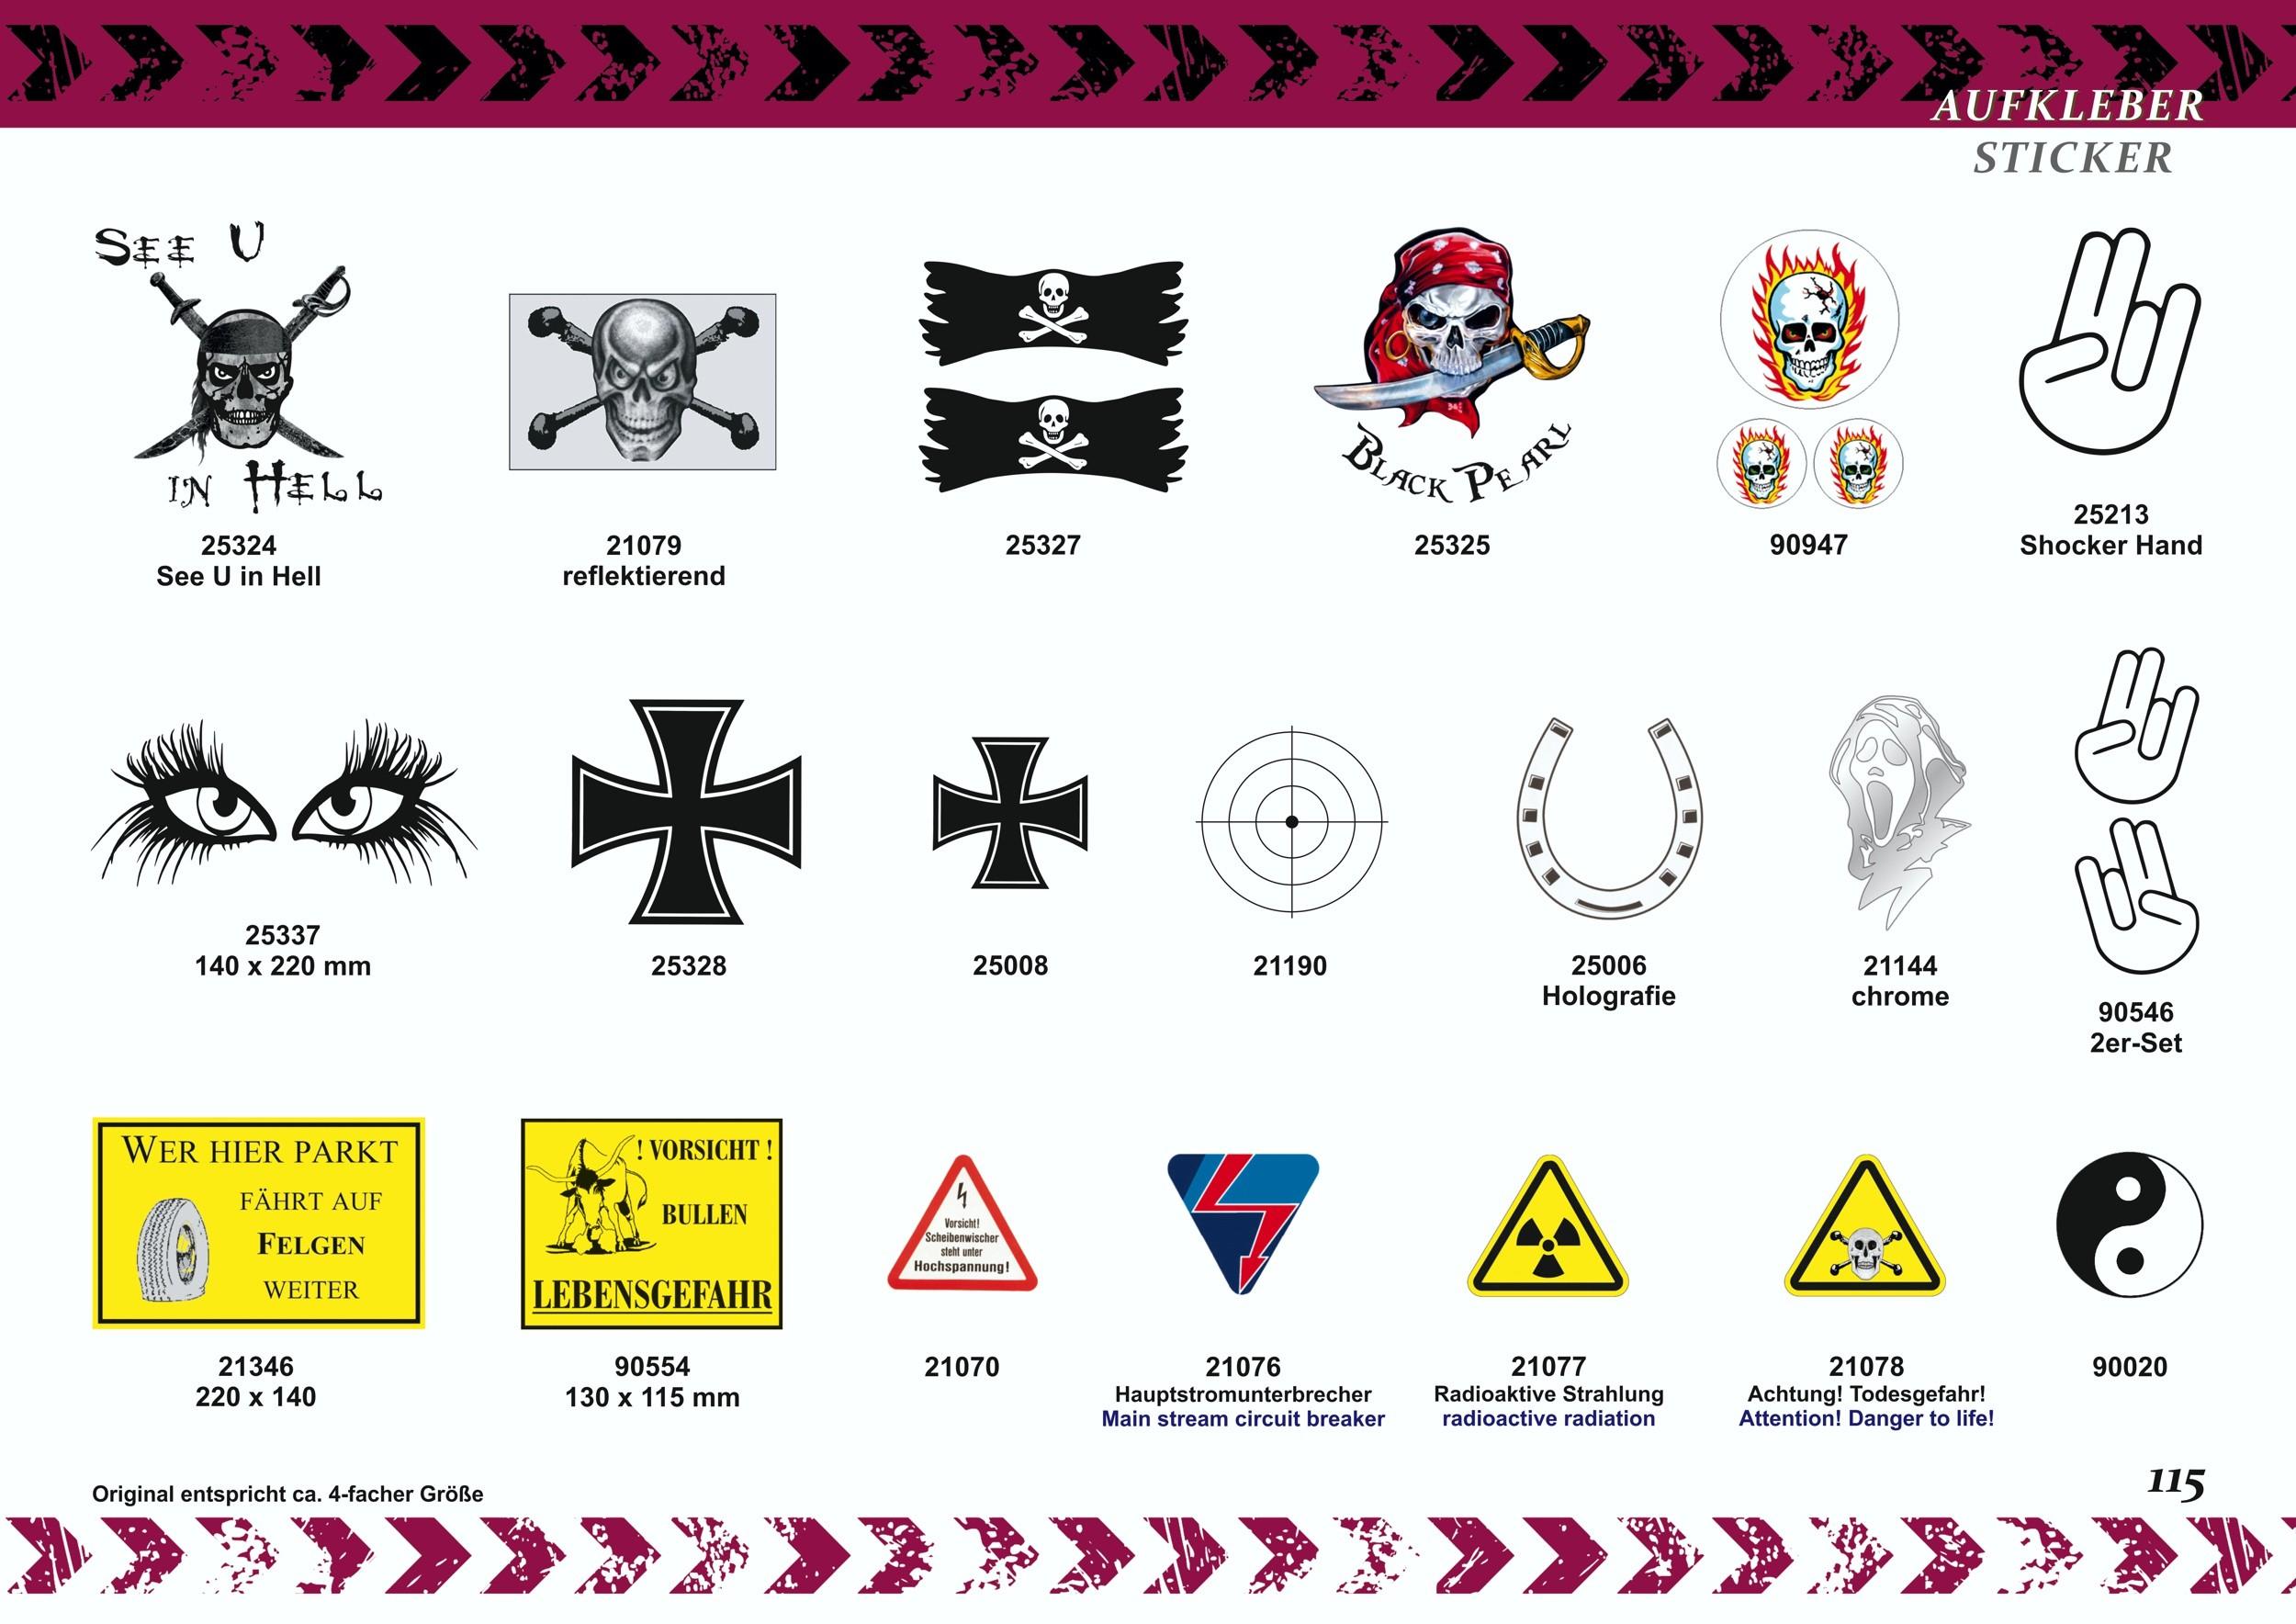 Aufkleber Warnung - Ansaugbereich  Kinder Tiere & Kleinwagen unbedingt fernhalten! – Bild 8